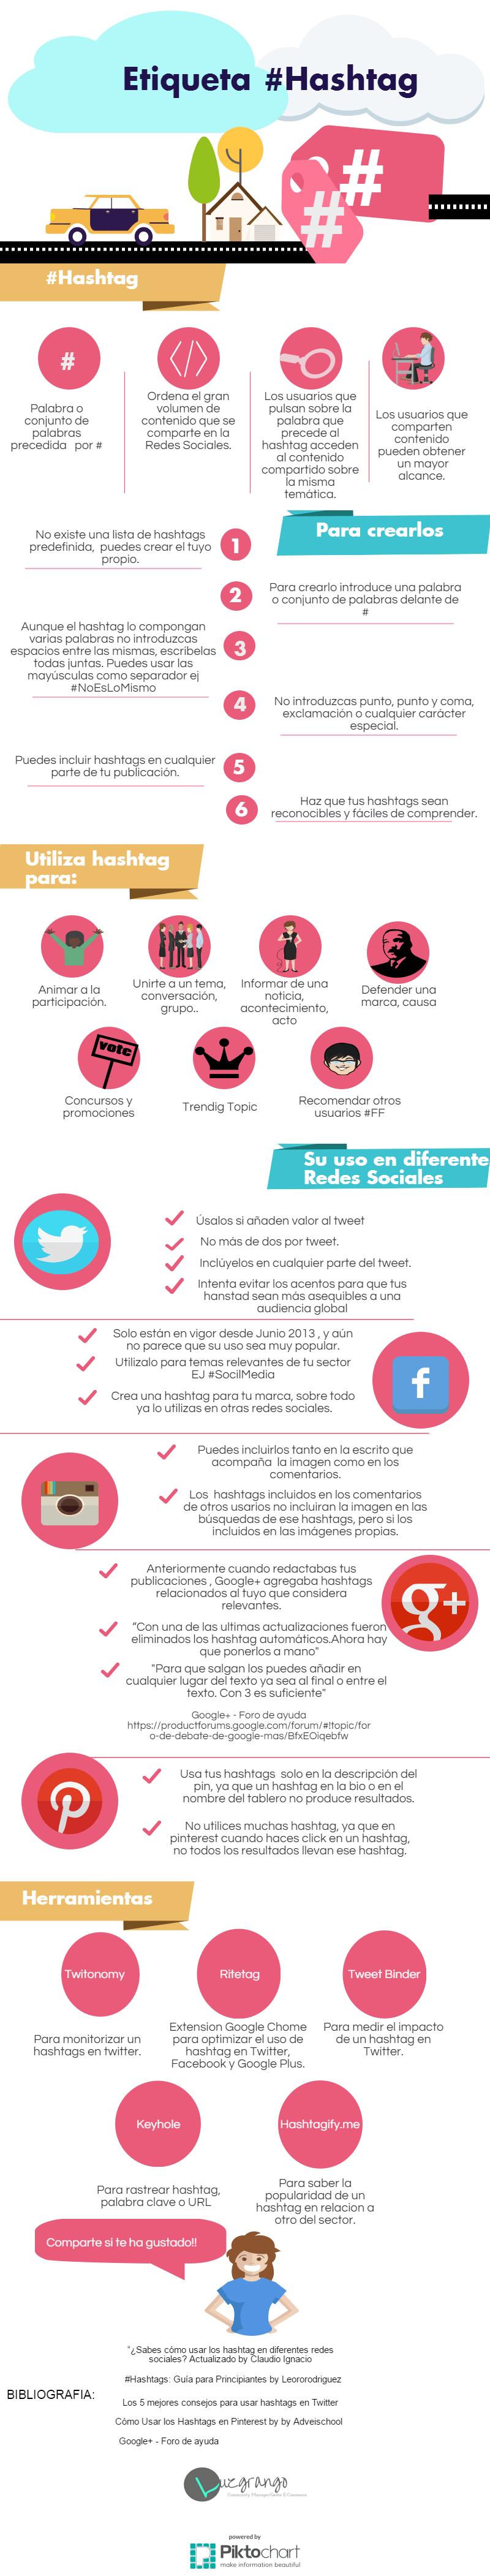 Hashtags: Todo lo que debes saber